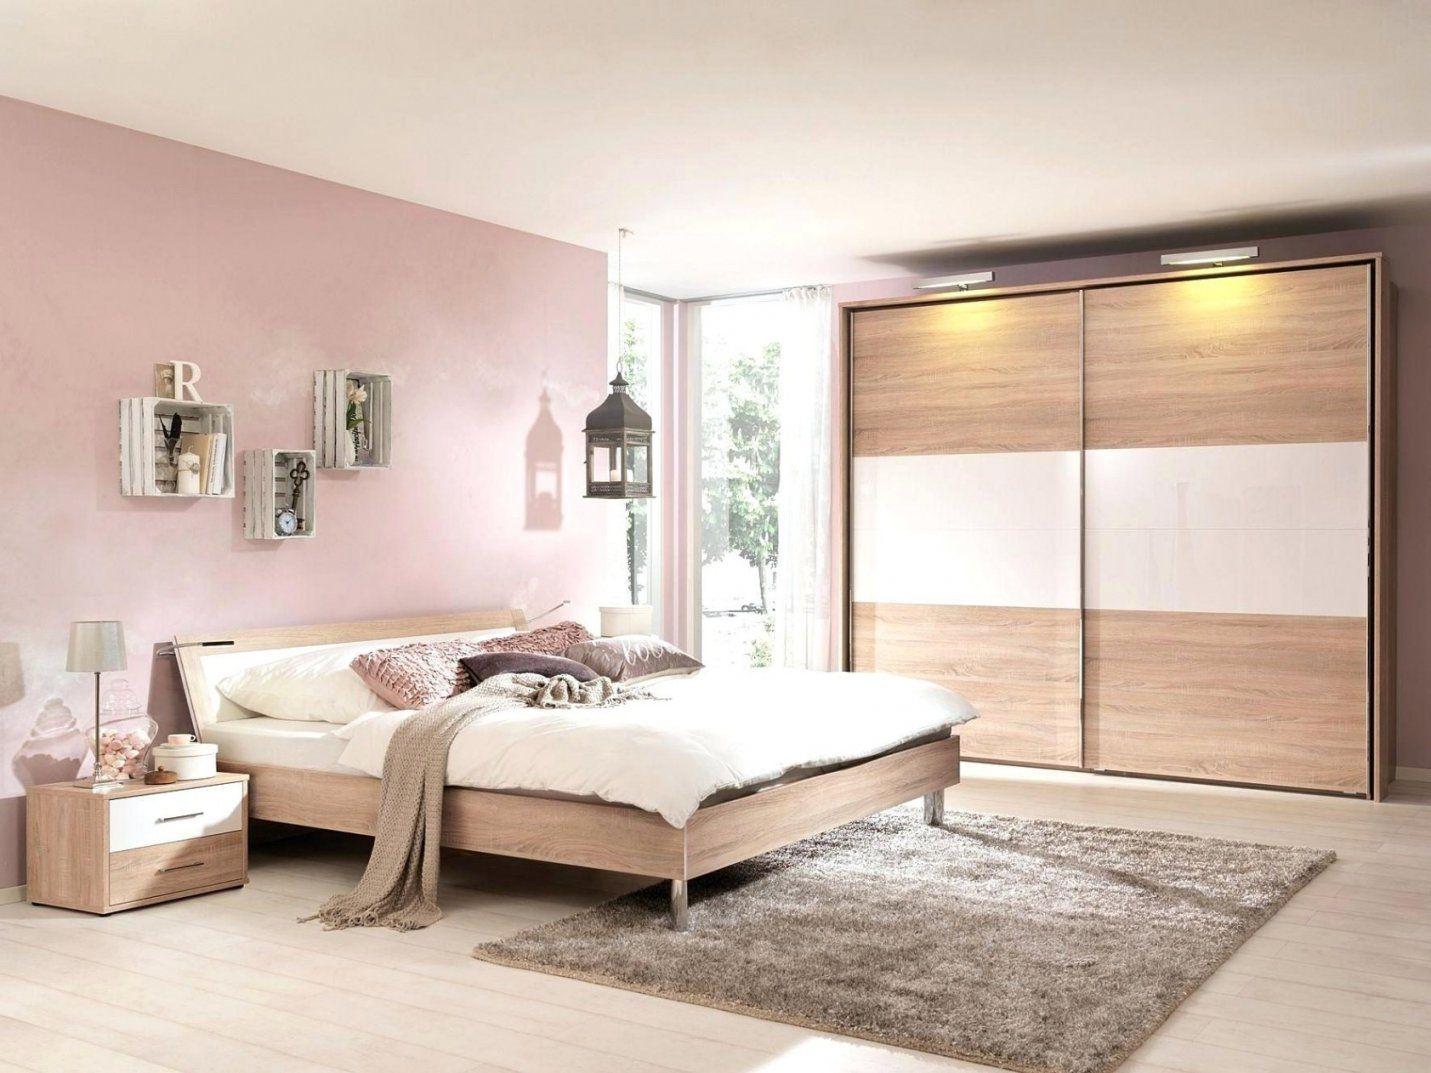 Wohnideen  Bett Im Wohnzimmer Ideen Zusammen Schön Genial Hellrosa von Bett Im Wohnzimmer Ideen Bild